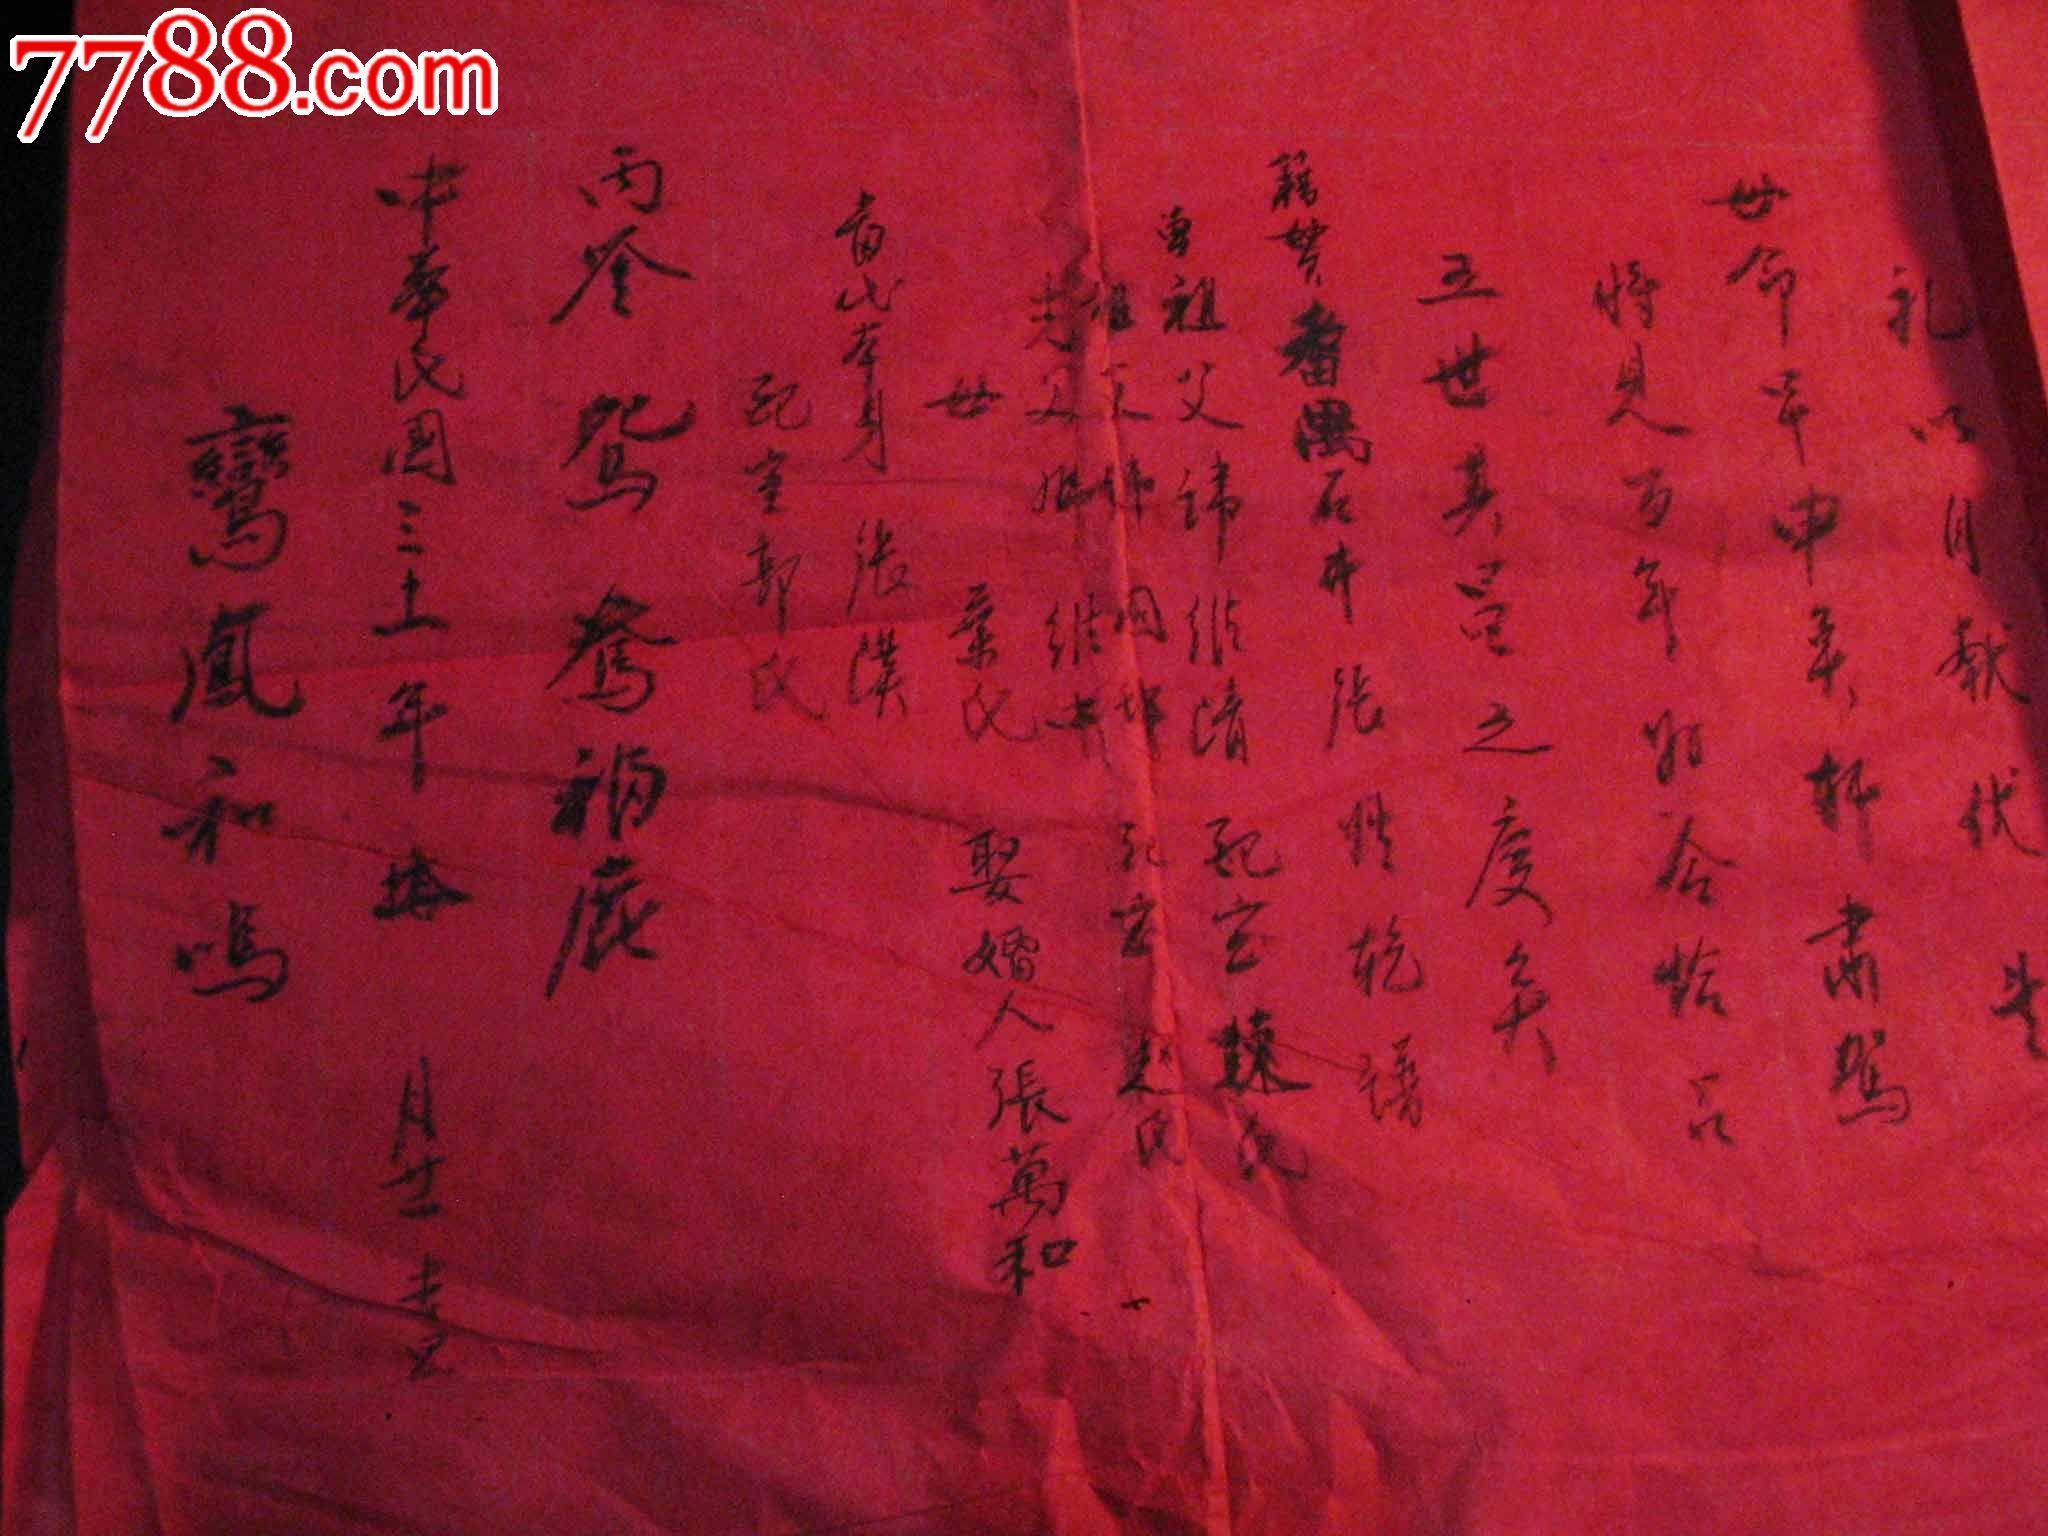 长一米多的抗战时期木刻金色花纹,毛笔书写的婚书一套